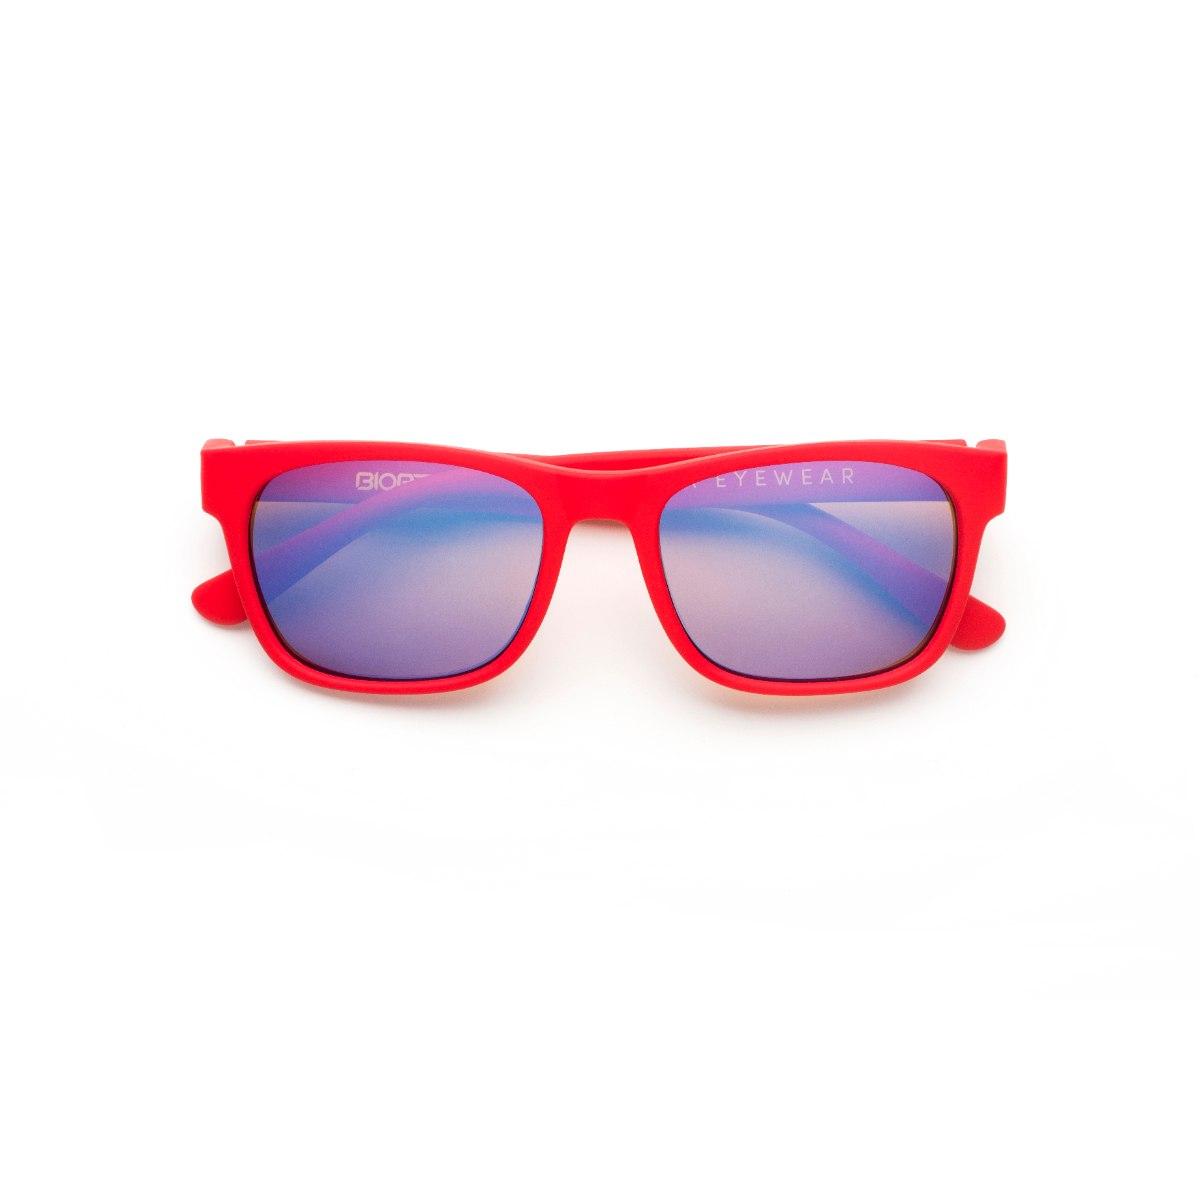 משקפי היפרלייט (נגד קרינה) לילדים, דגם THE-0402RD MRBU מסגרת אדומה